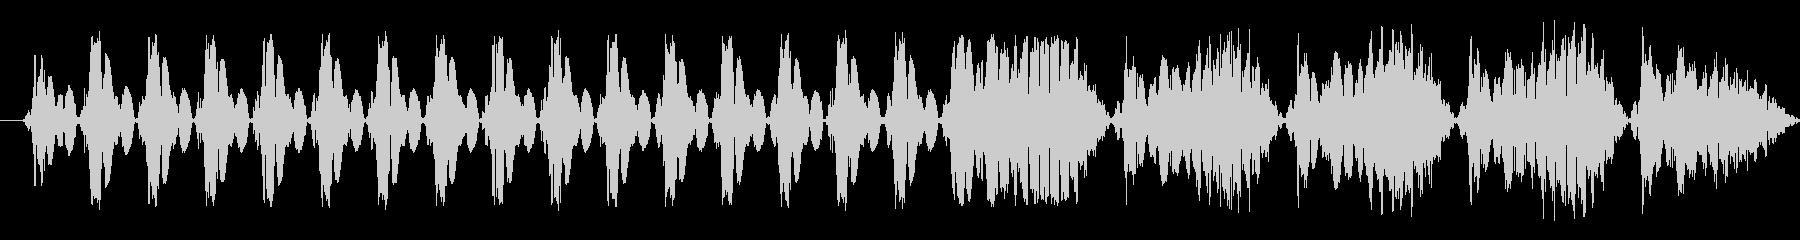 機械的な選択・決定音 ビコの未再生の波形